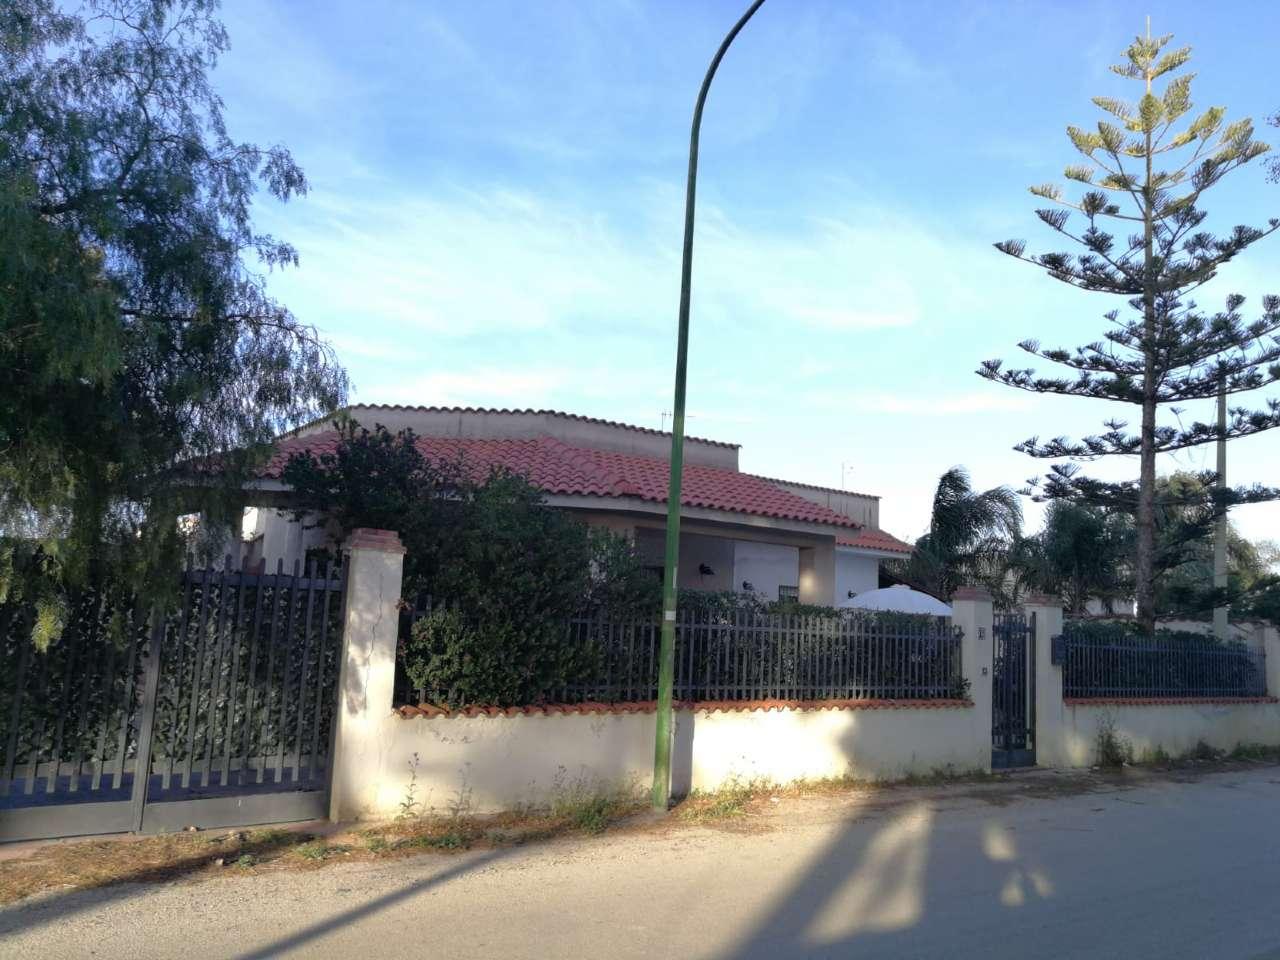 Villa in vendita a Castelvetrano, 6 locali, prezzo € 165.000   CambioCasa.it